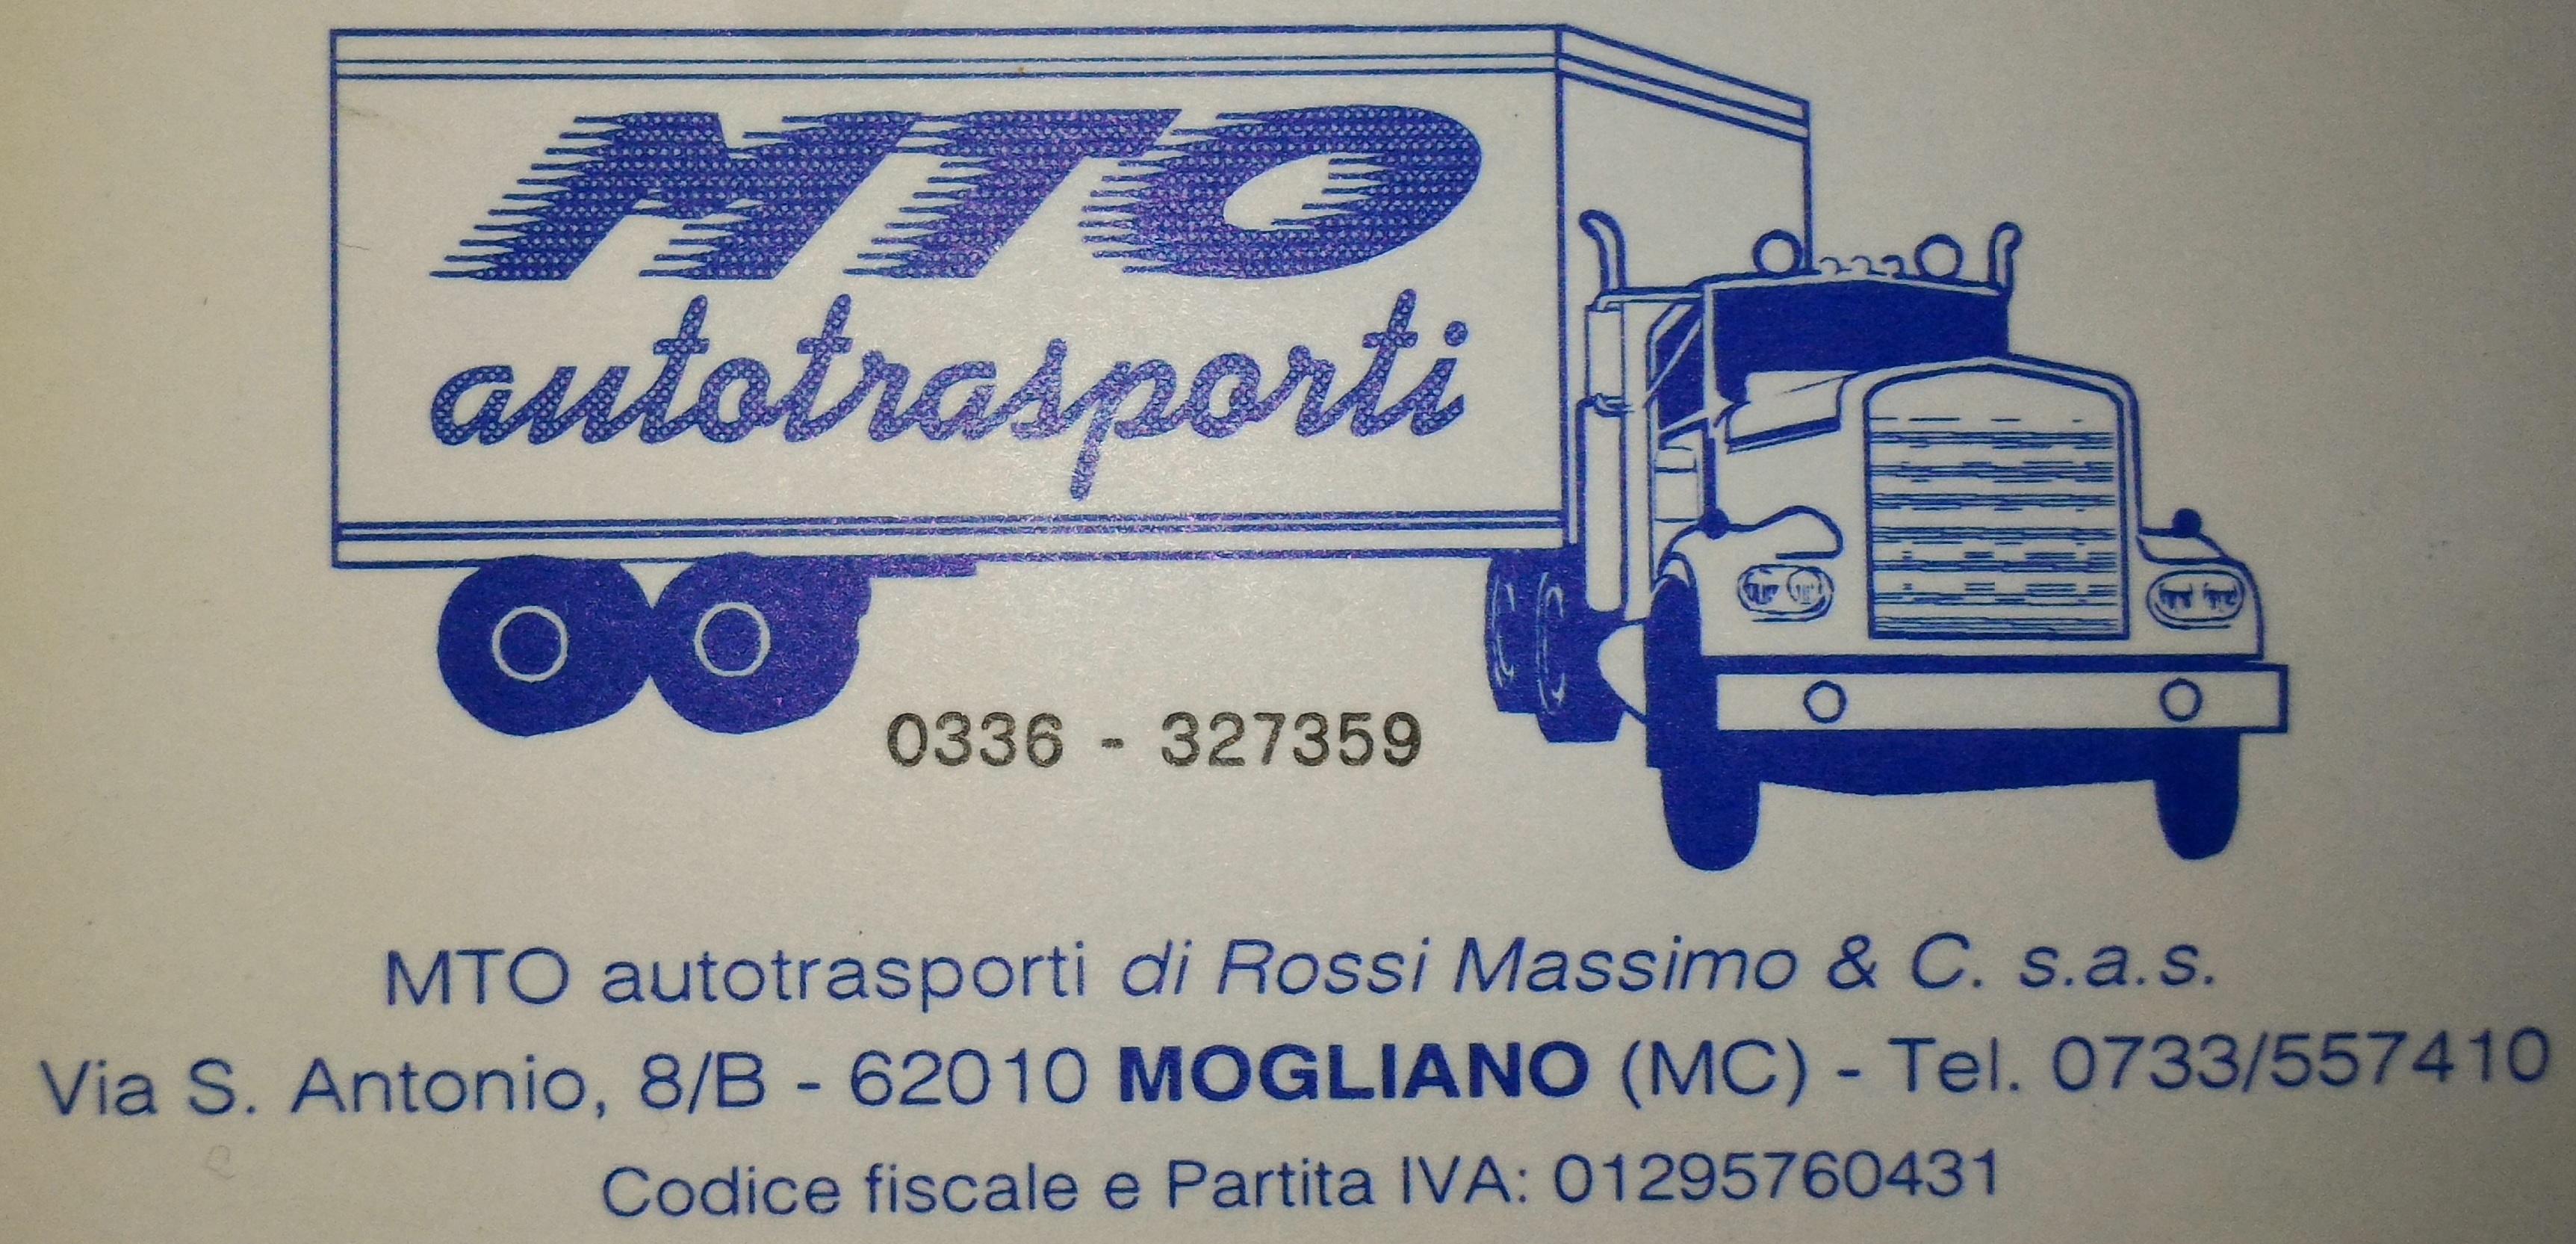 MTO Autotrasporti - sponsor sito